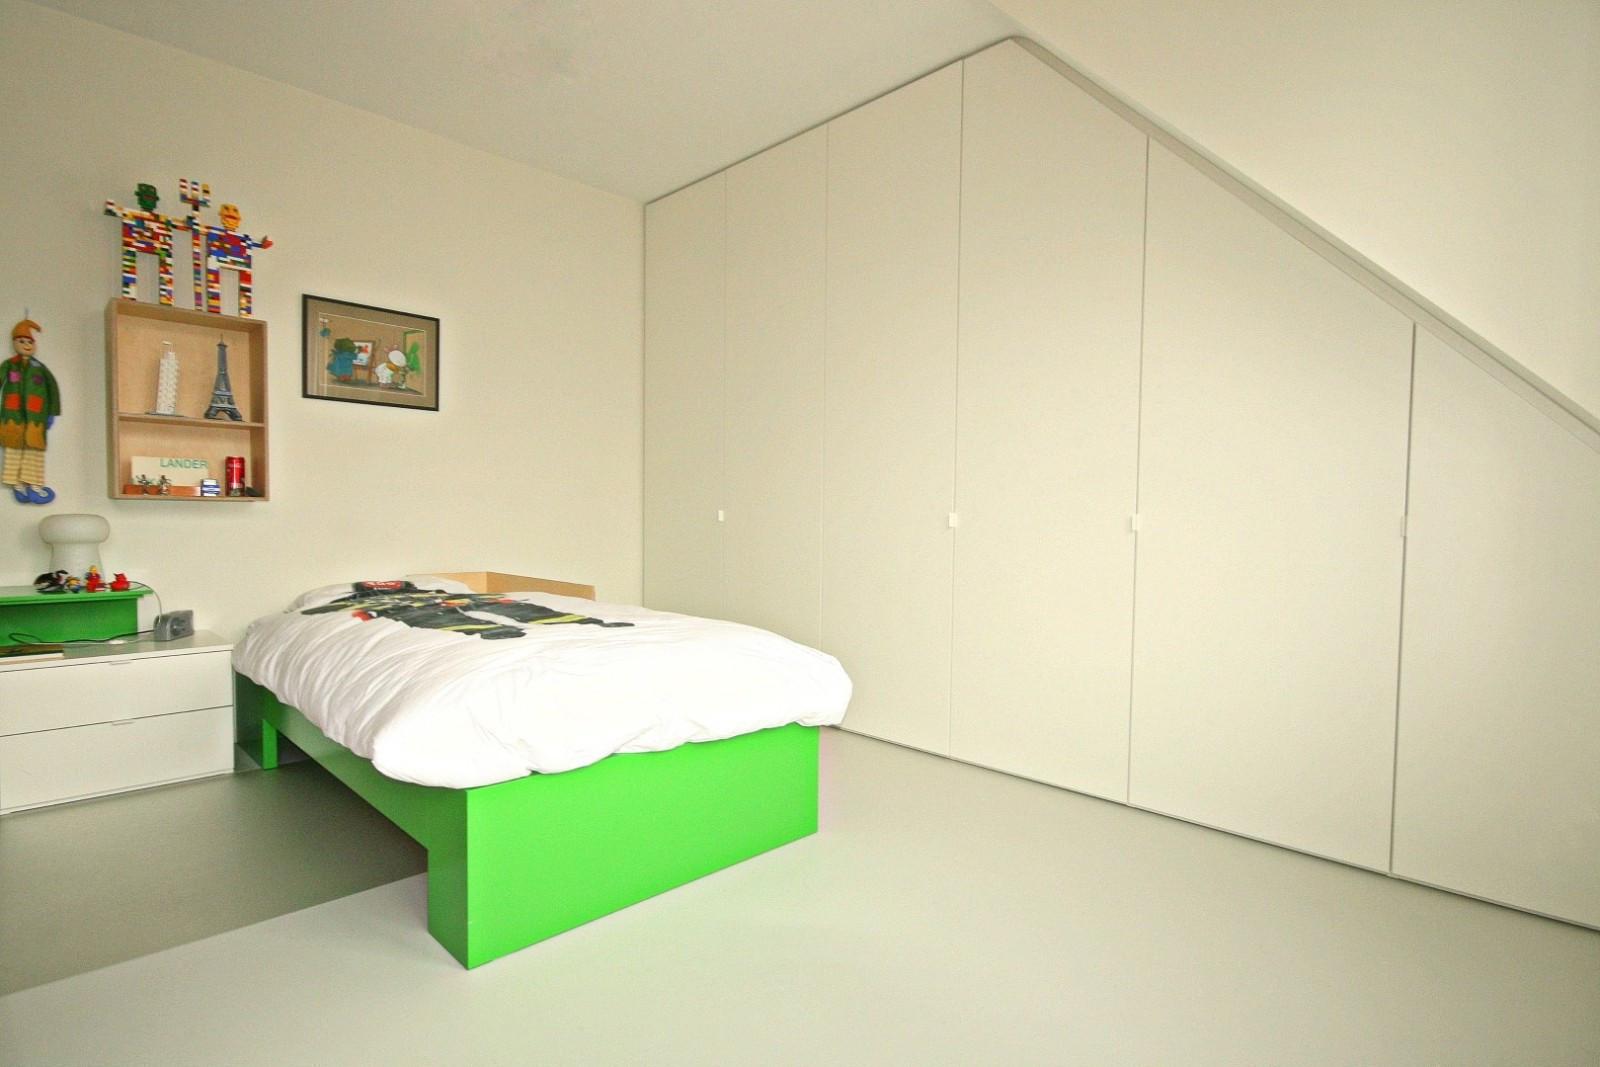 Prinses Kinderkamer Set : Slaapkamerkast in kinderkamer u a kast id kasten meubelen